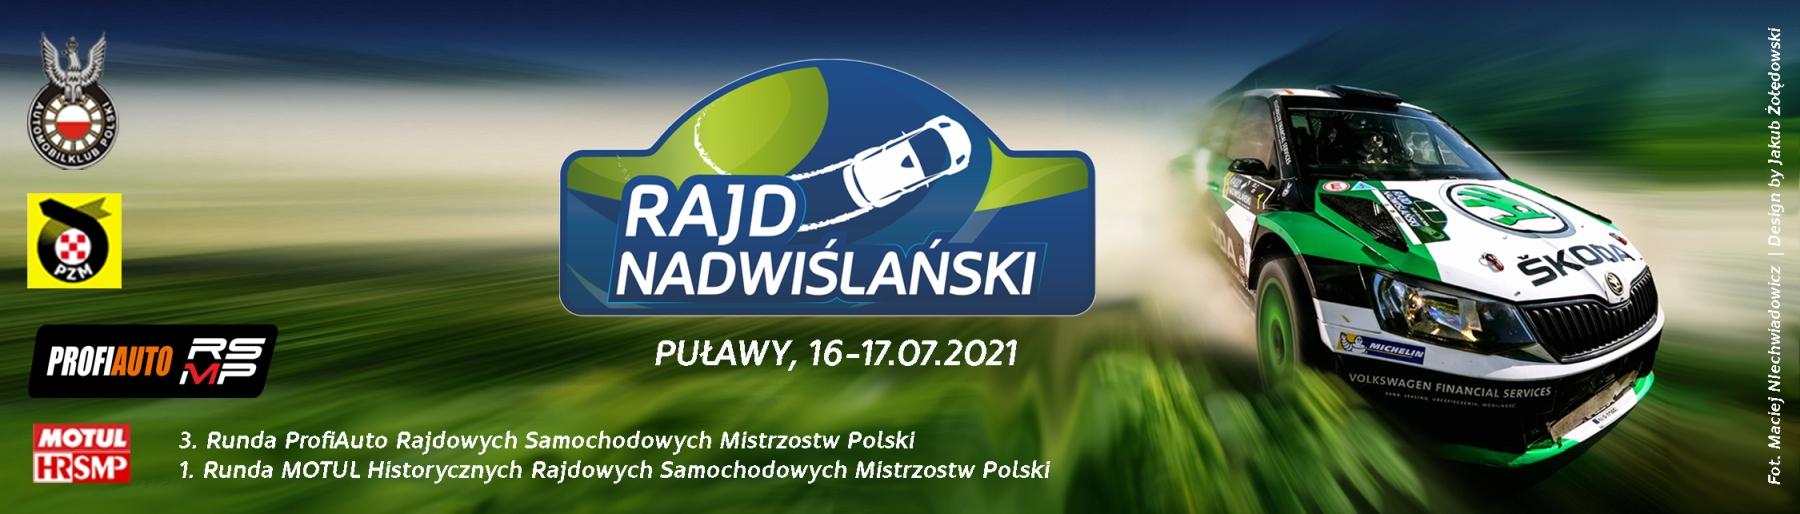 Rajd Nadwiślański 2021